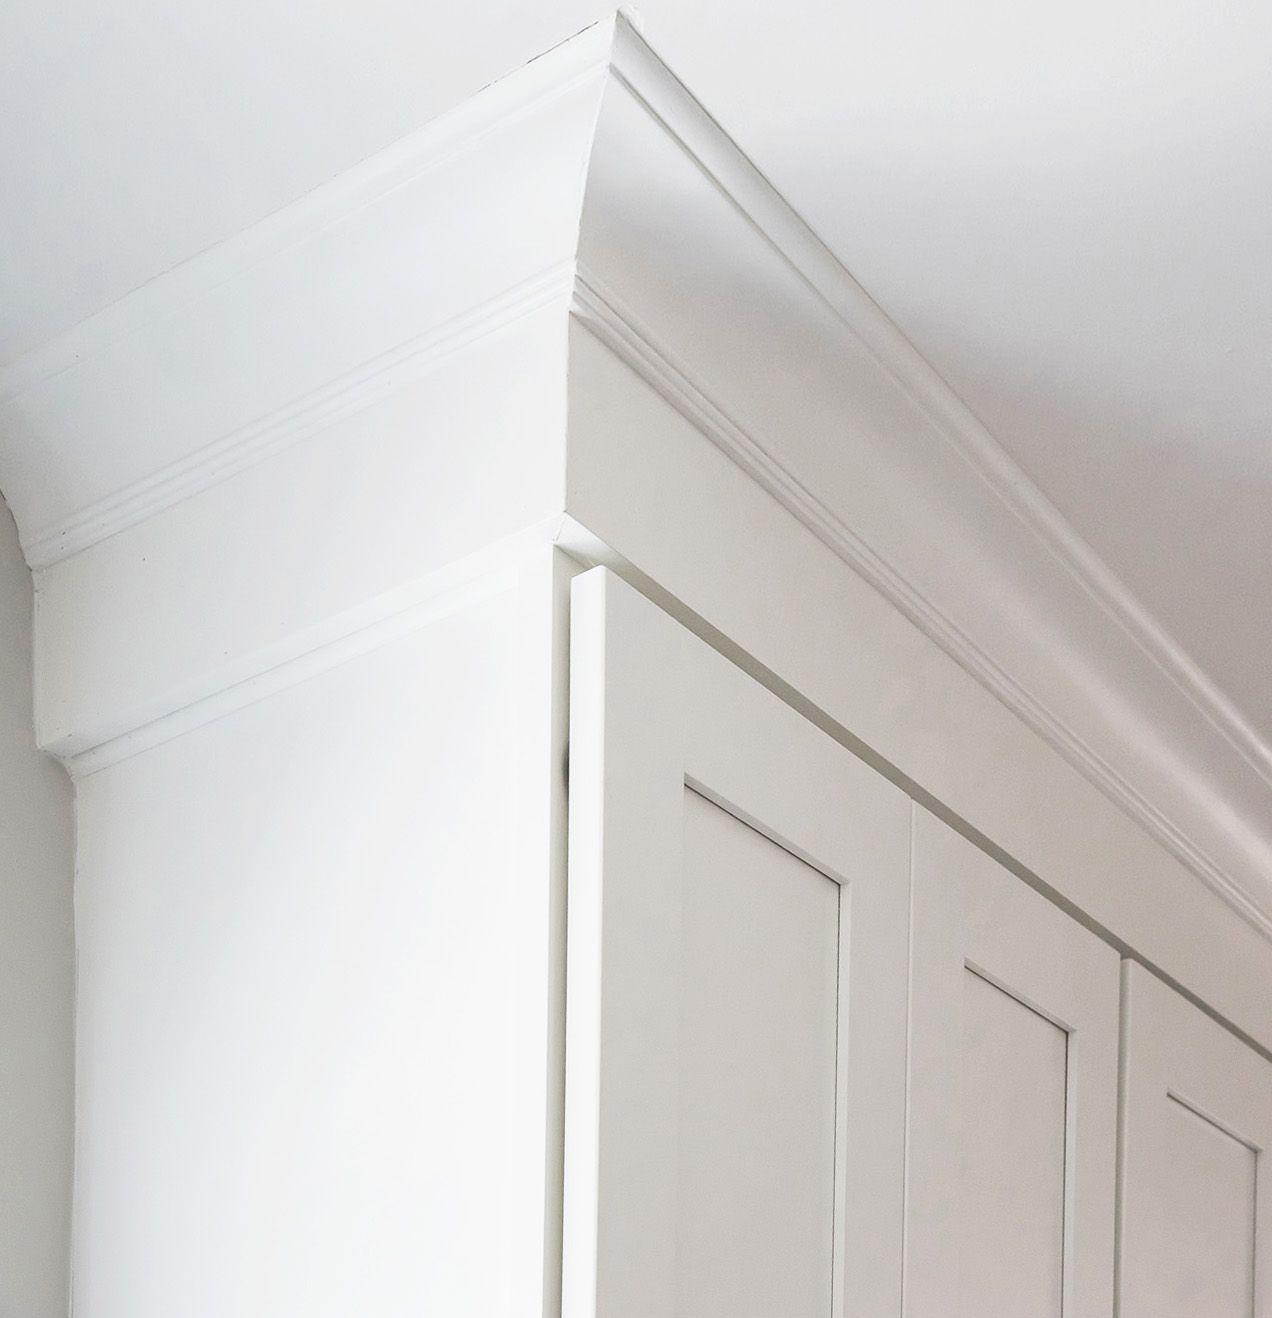 Home Cabinet Westbury Kitchen Cabinet Crown Molding Trim Kitchen Cabinet Crown Molding Kitchen Cabinets Trim Crown Molding Kitchen